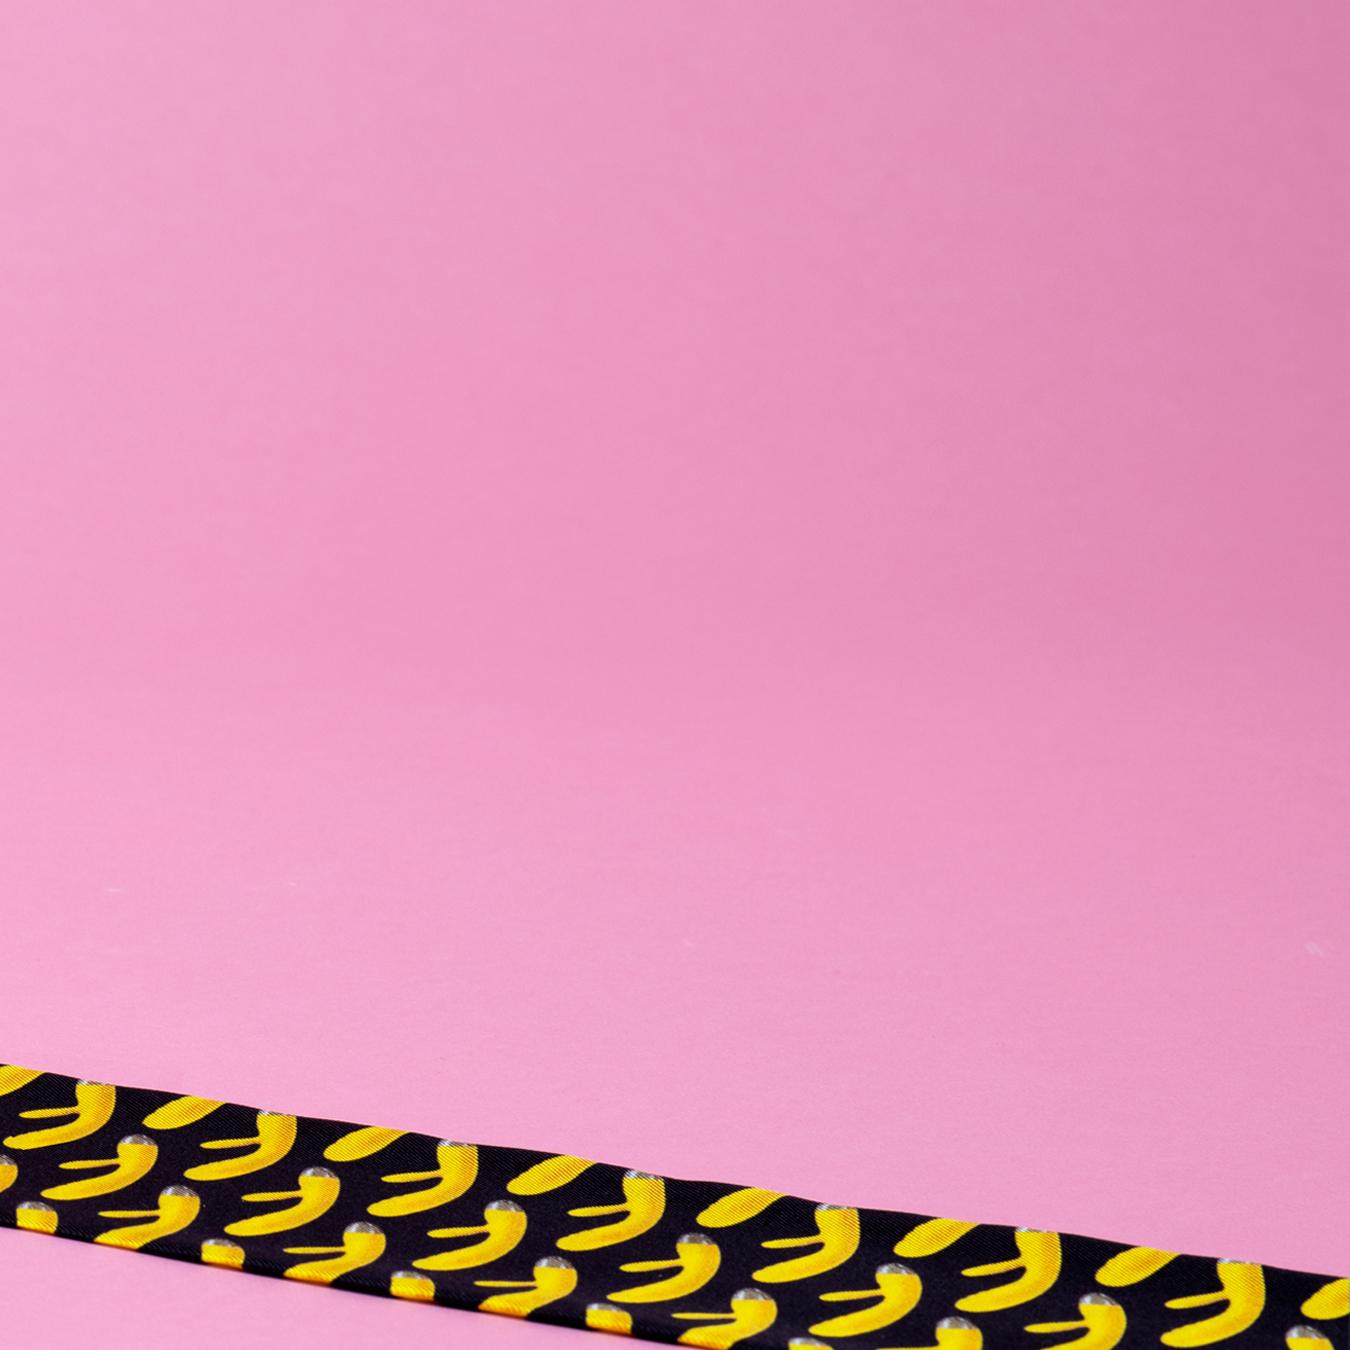 yellow tie 3